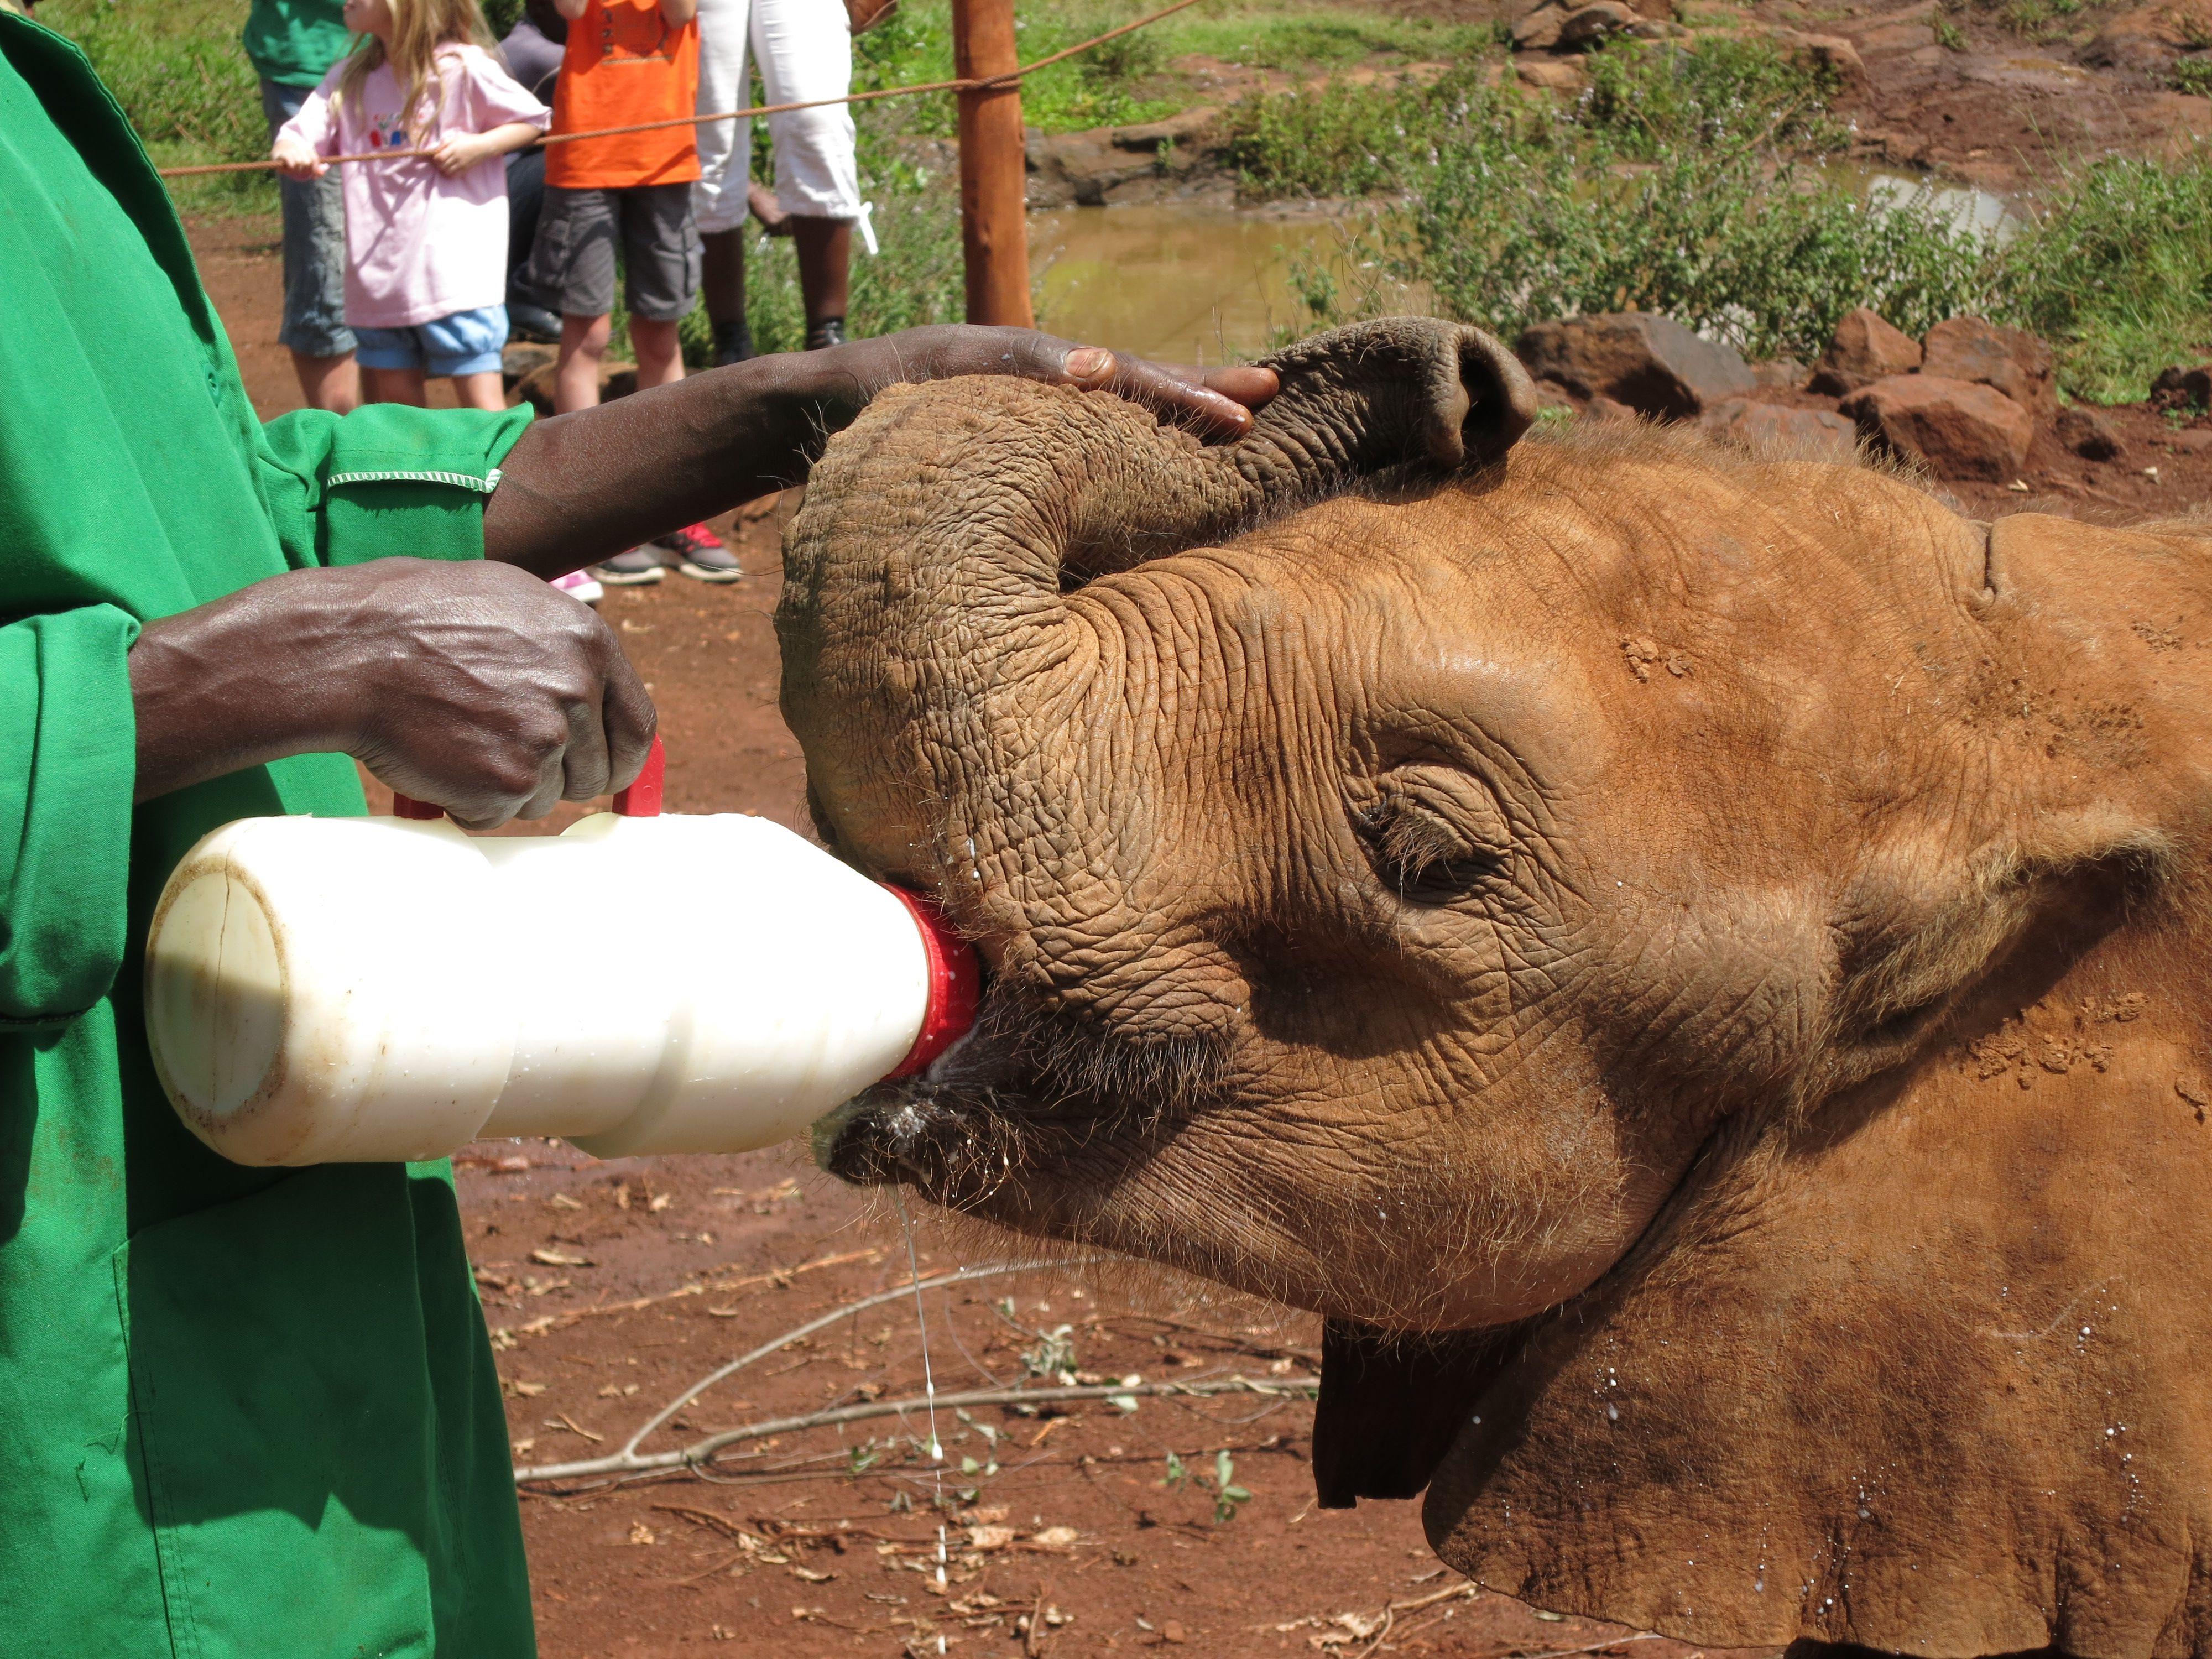 The David Sheldrick Elephant Orphanage